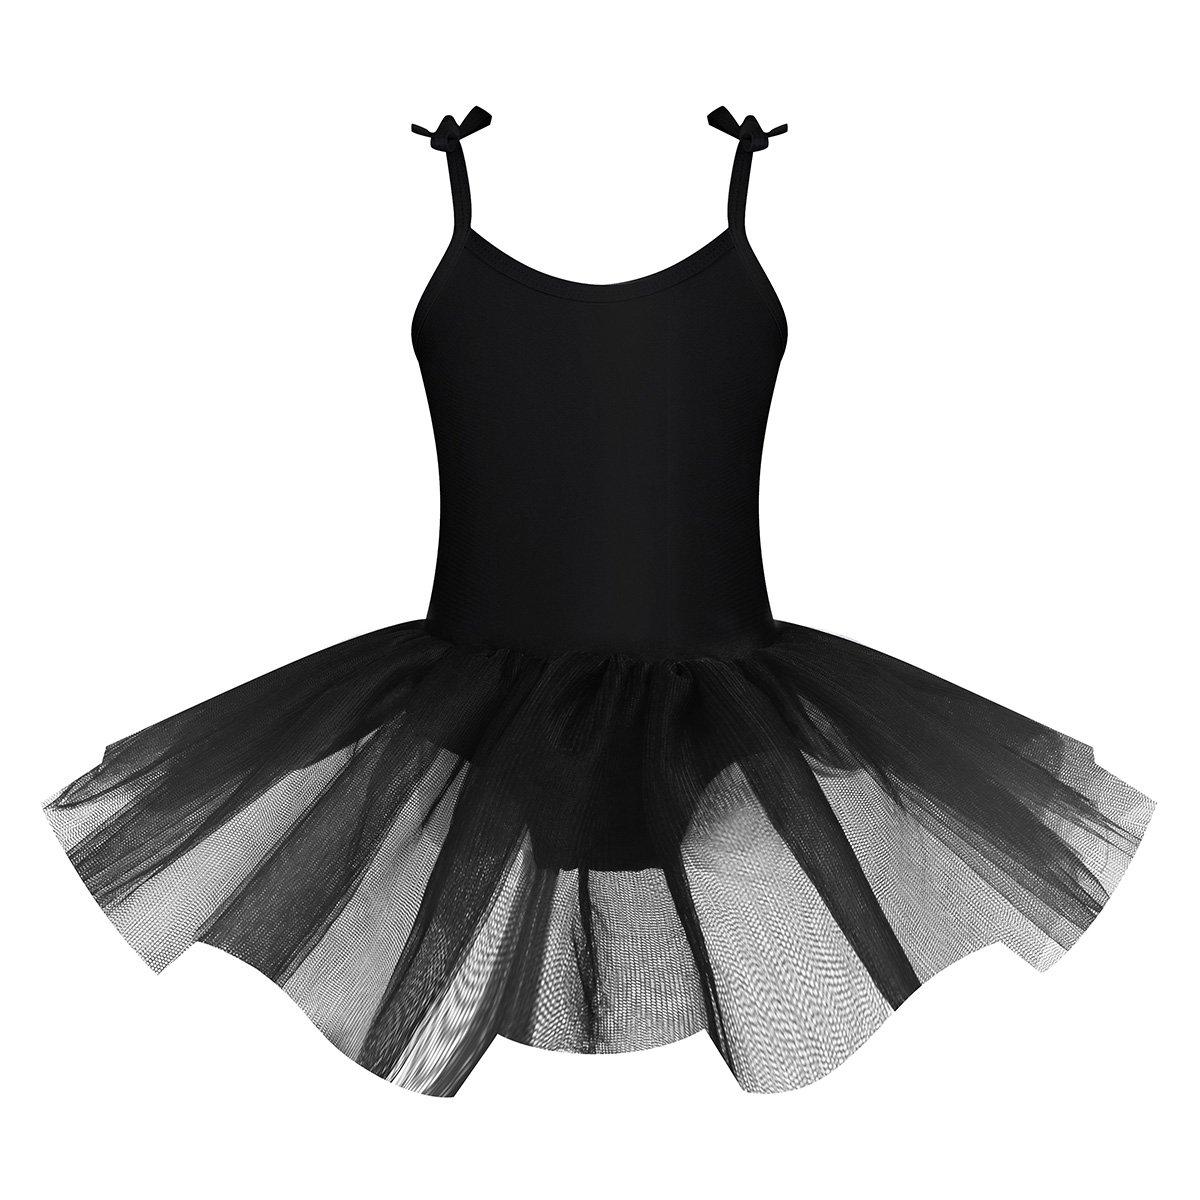 大人女性の iEFiEL Girls Little Ballerina Dancer Girls Balletドレススカートレオタードジムダンス用 B07C7913VB 10-12|ブラック Dancer ブラック iEFiEL 43750, 一流の品質:22491ece --- lesgamin.me